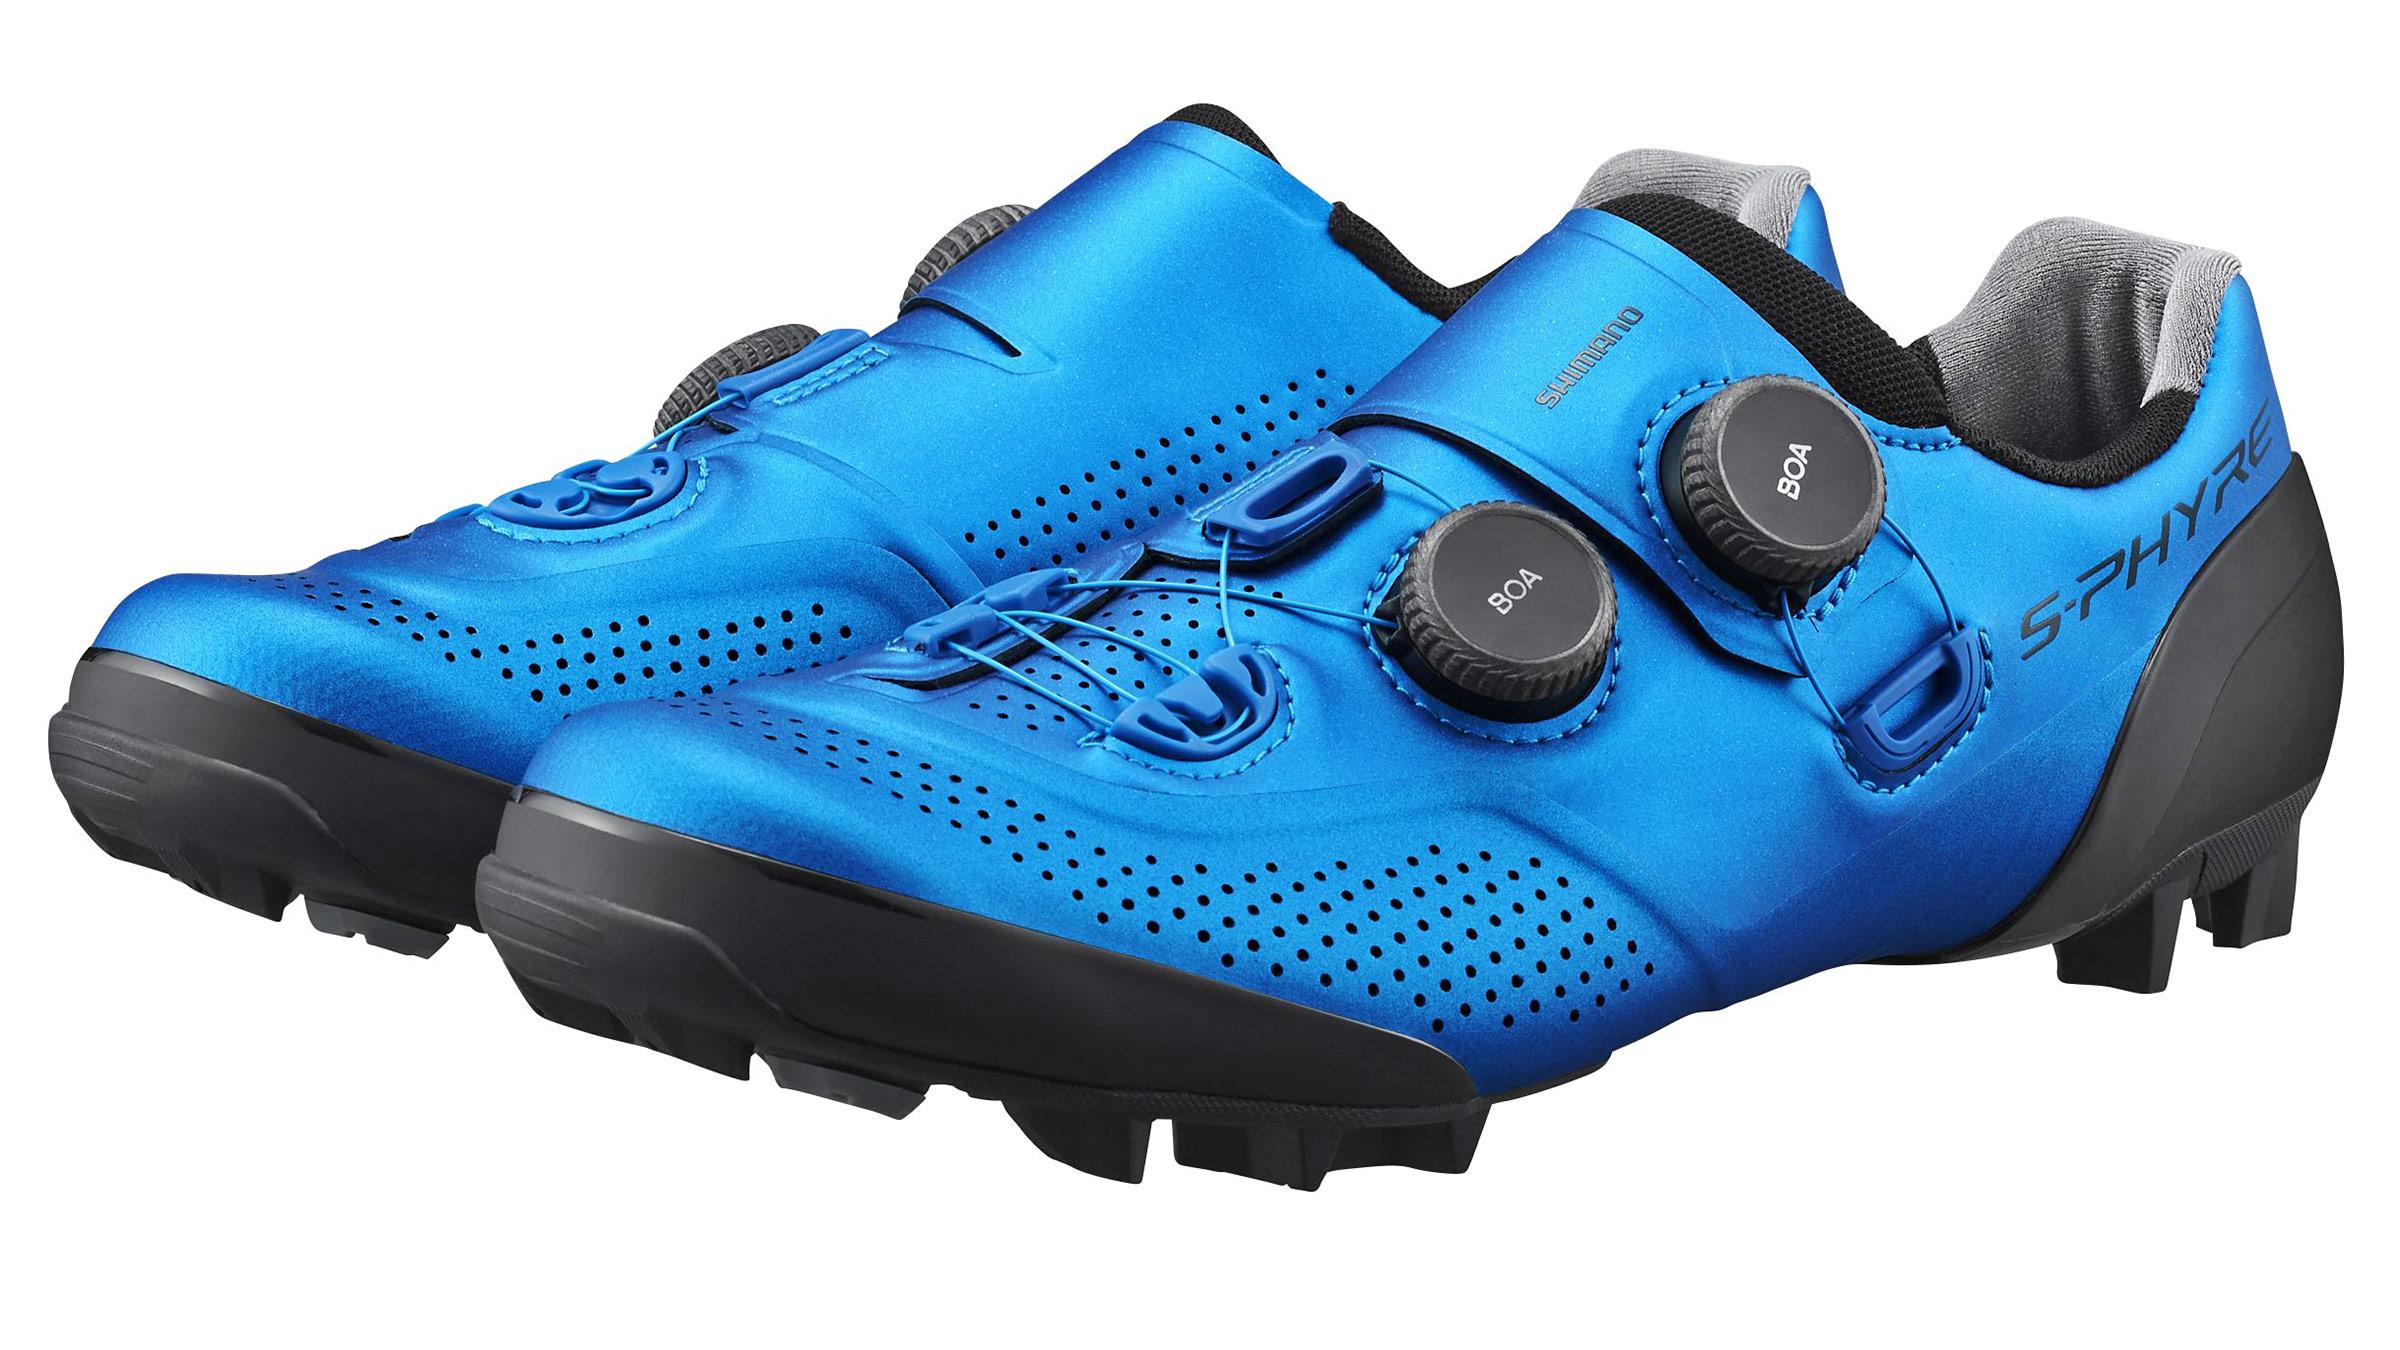 Shimano S-Phyre XC902 MTB shoes, next-gen XC9 cross-country mountain bike shoe,blue pair